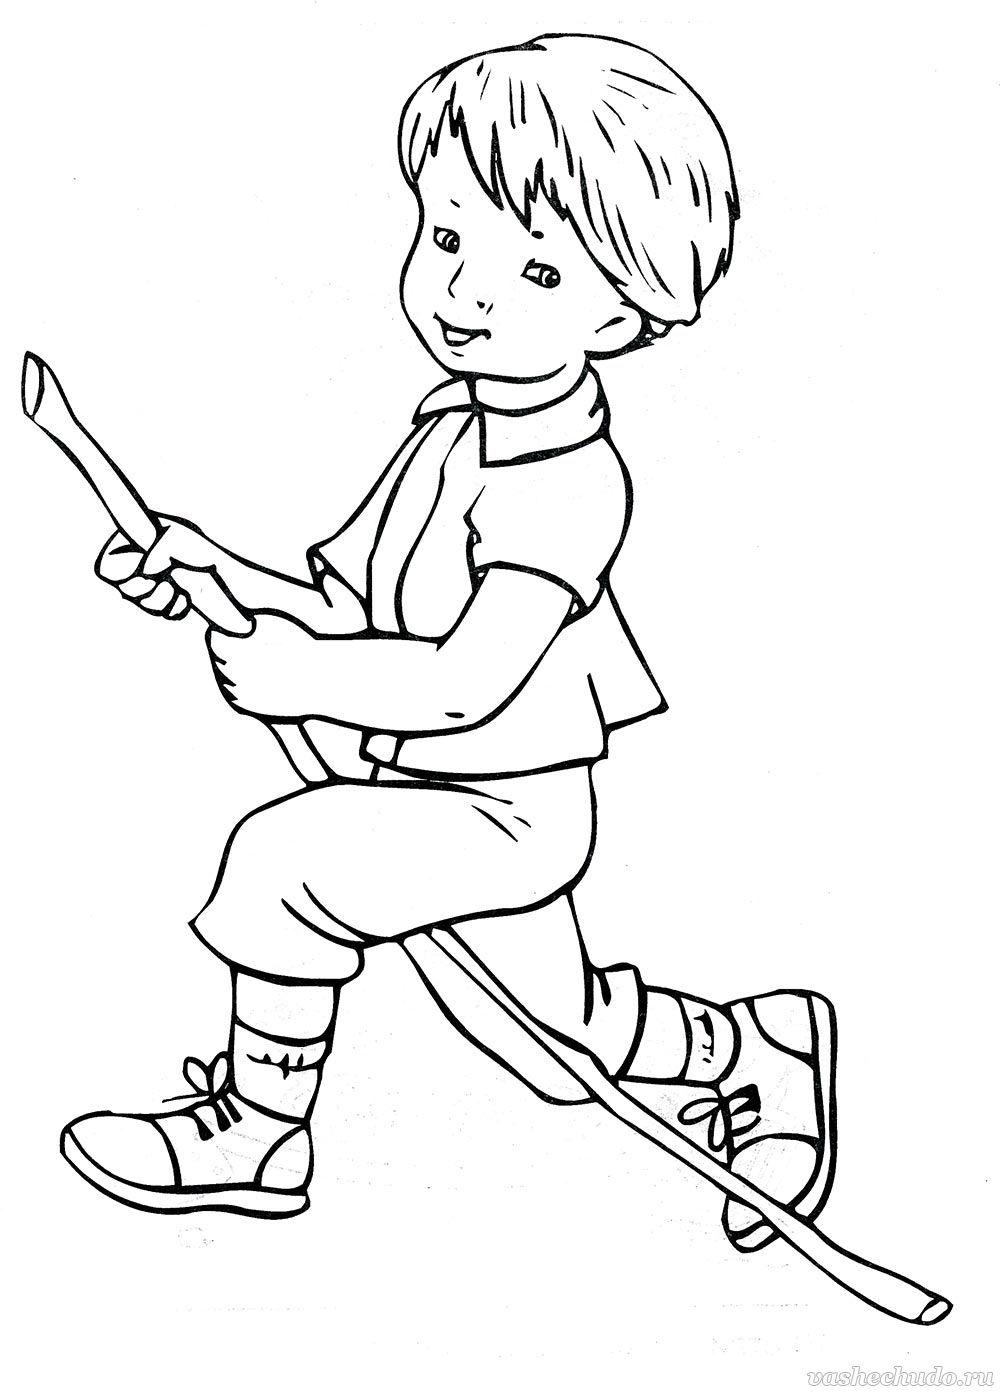 Раскраска. Мальчик с палкой